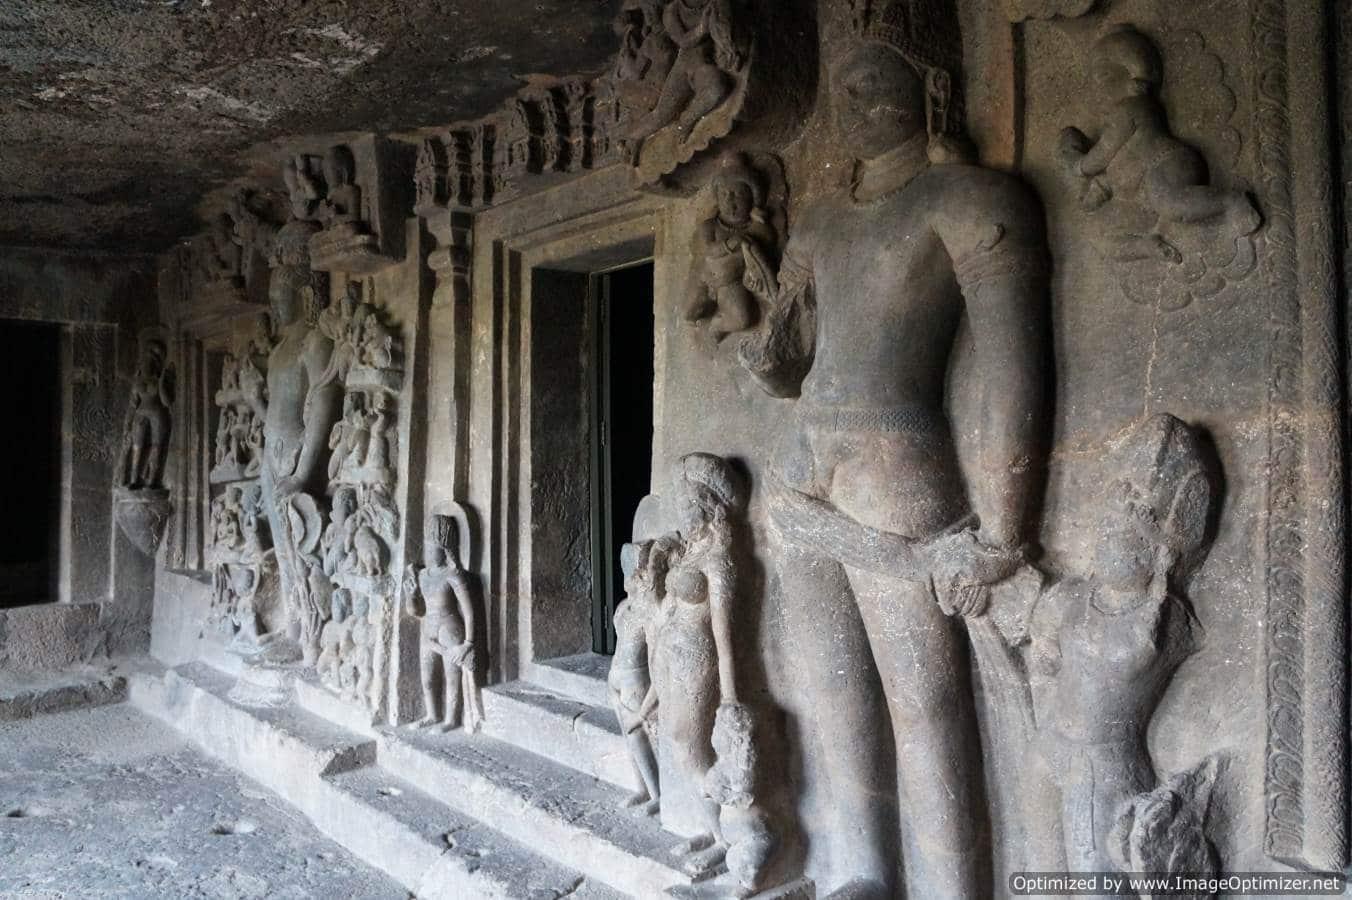 Les 5 raisons de ne pas visiter le Maharashtra